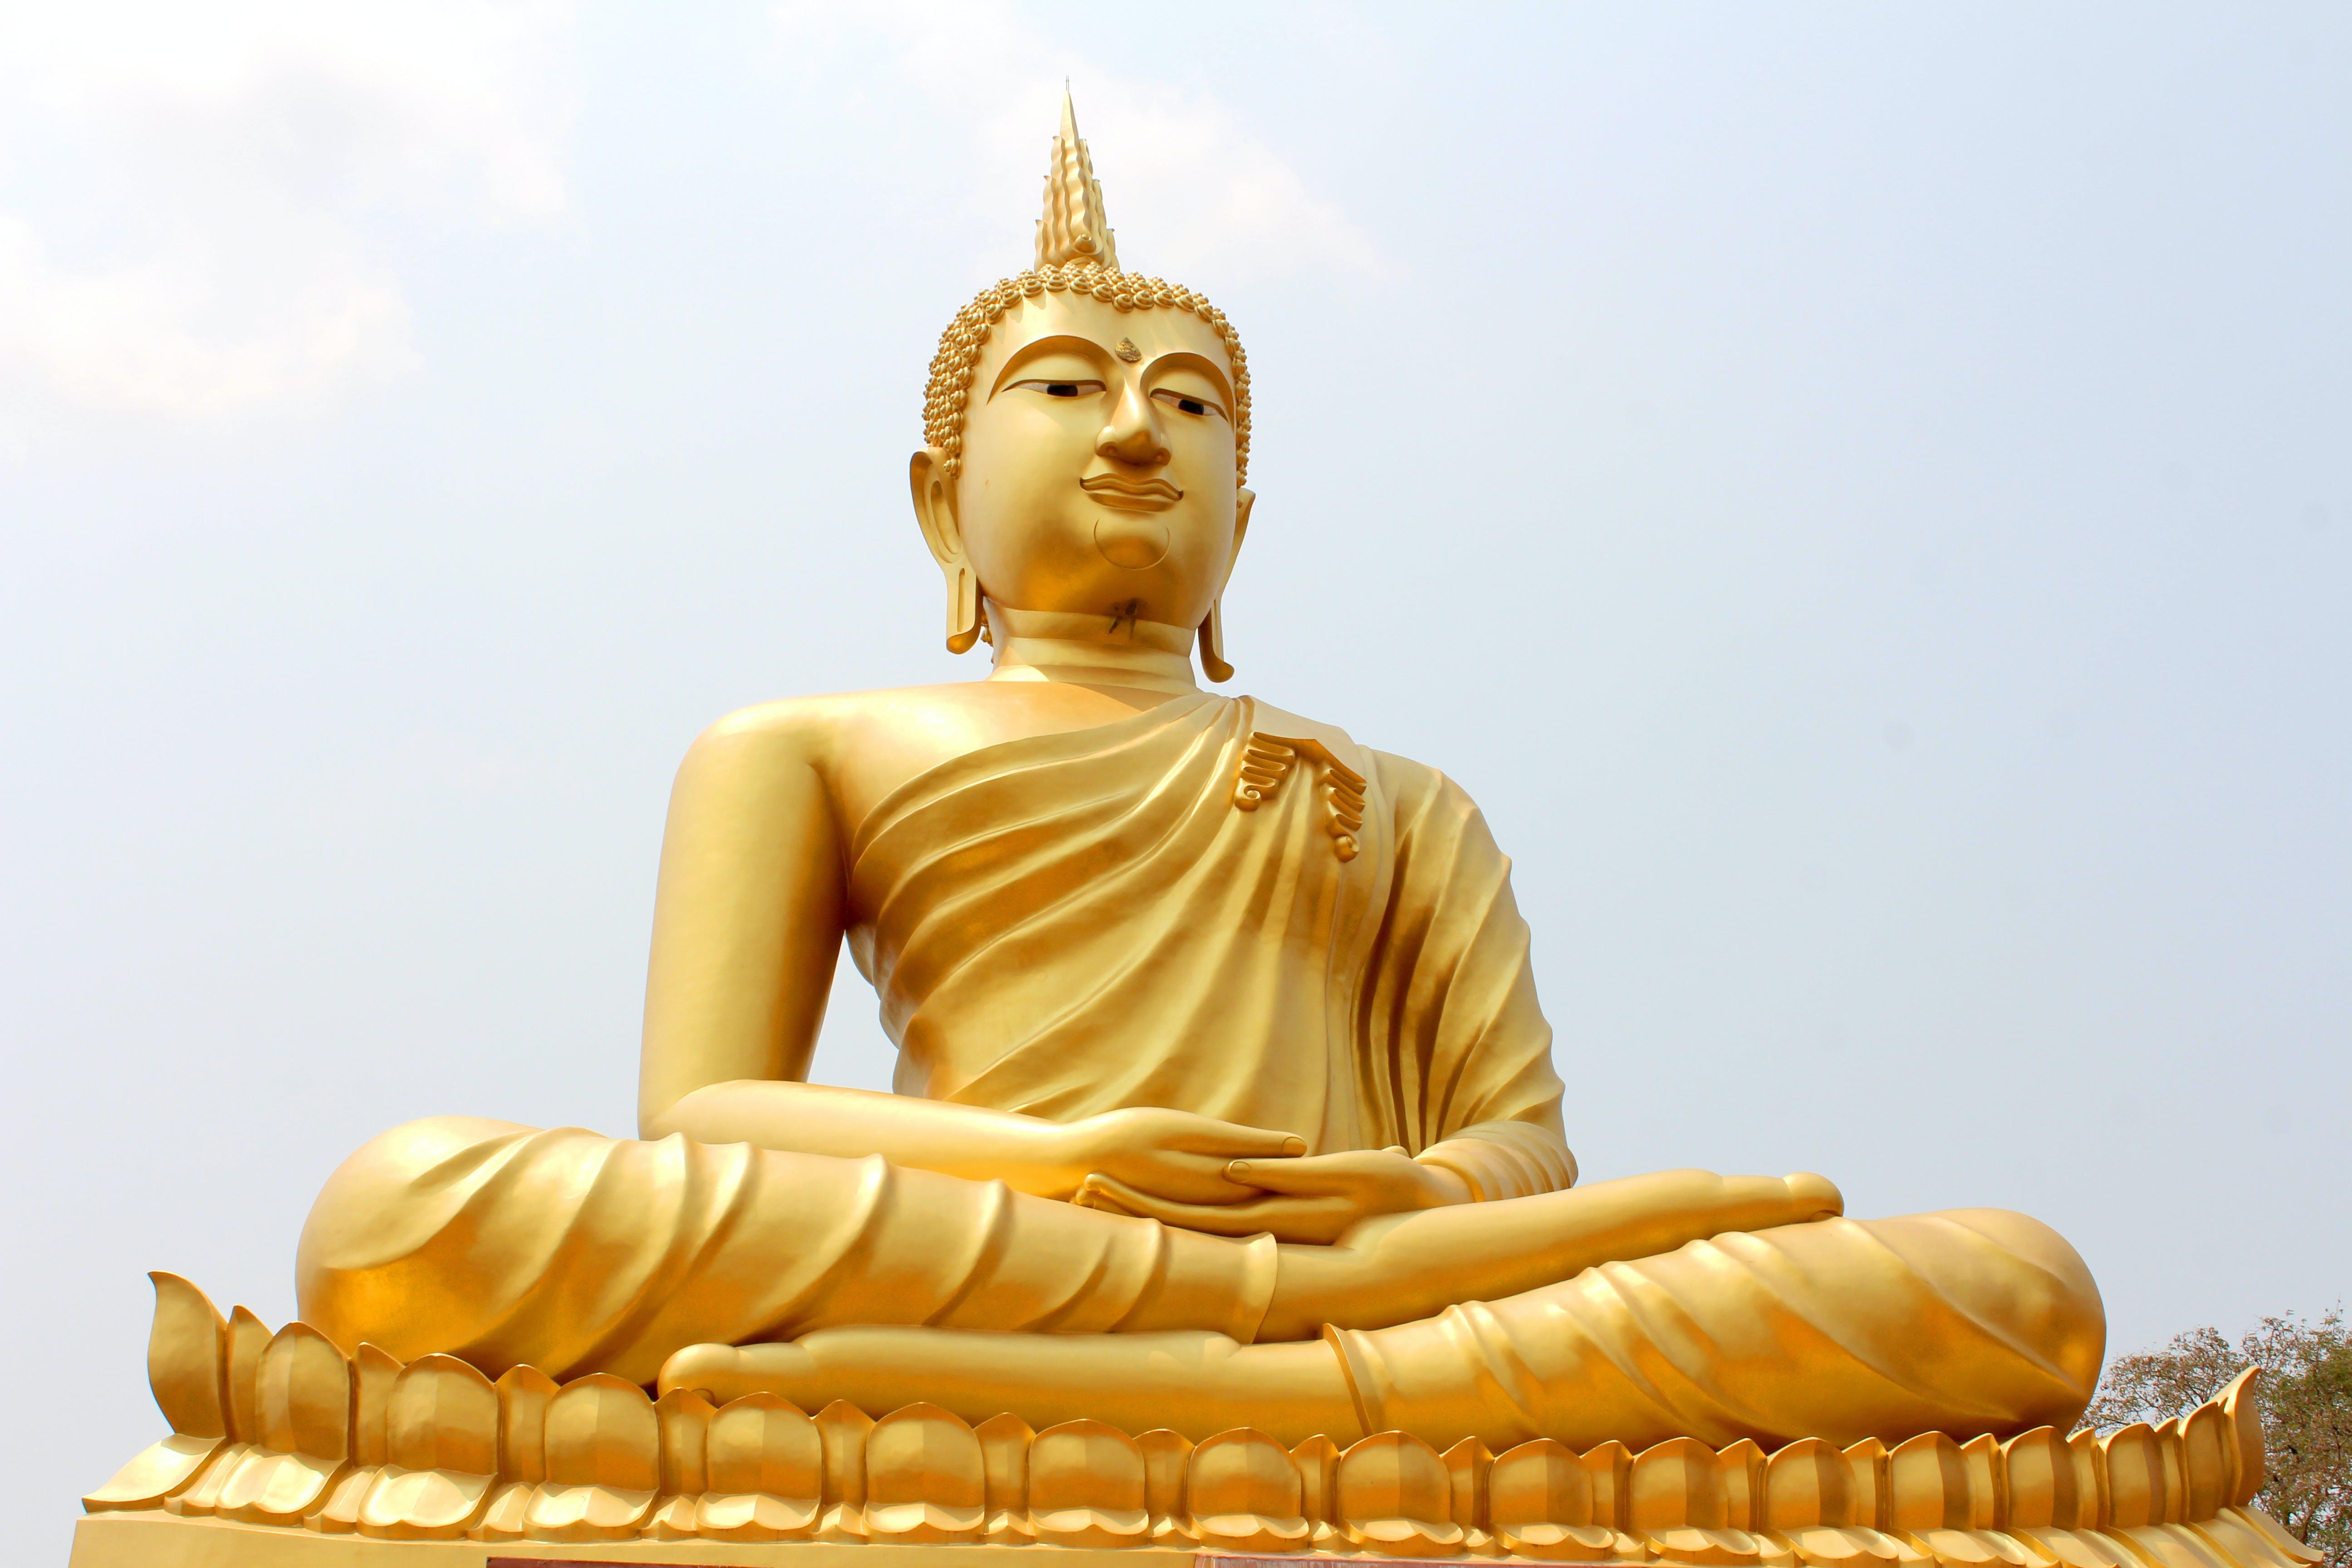 ağaçlar, Buda, budist tapınağı, Budizm içeren Ücretsiz stok fotoğraf